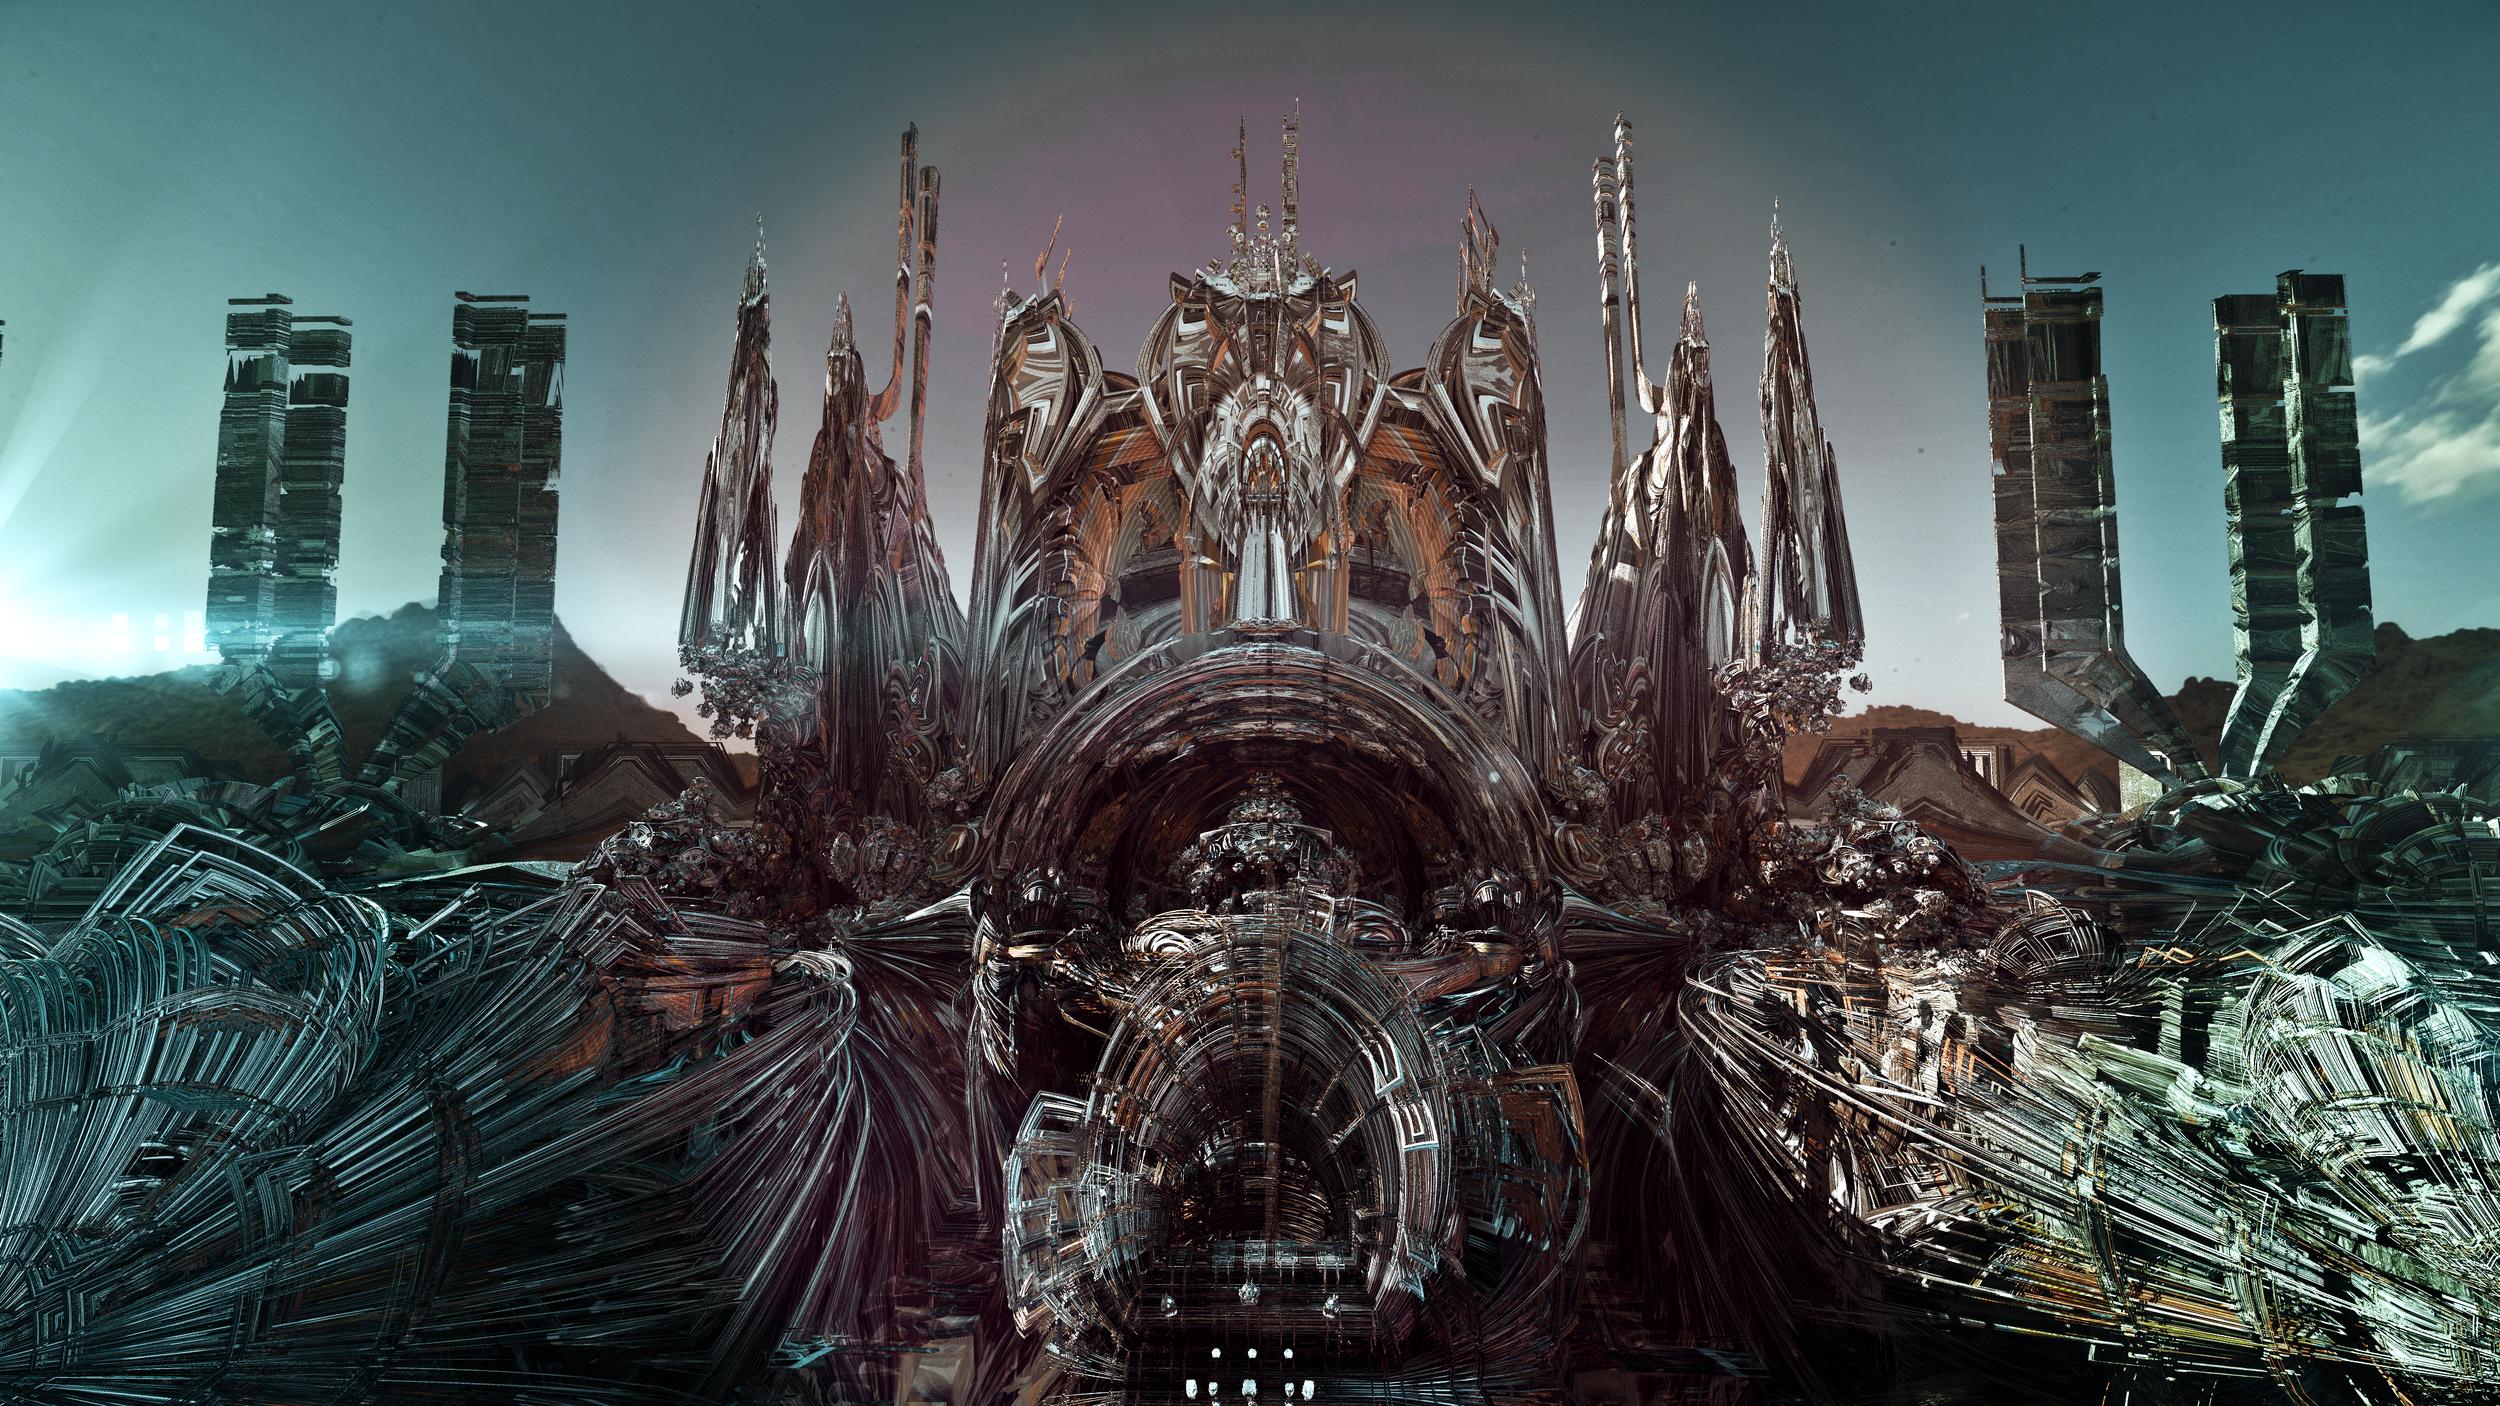 Dark Gate 3840x2160